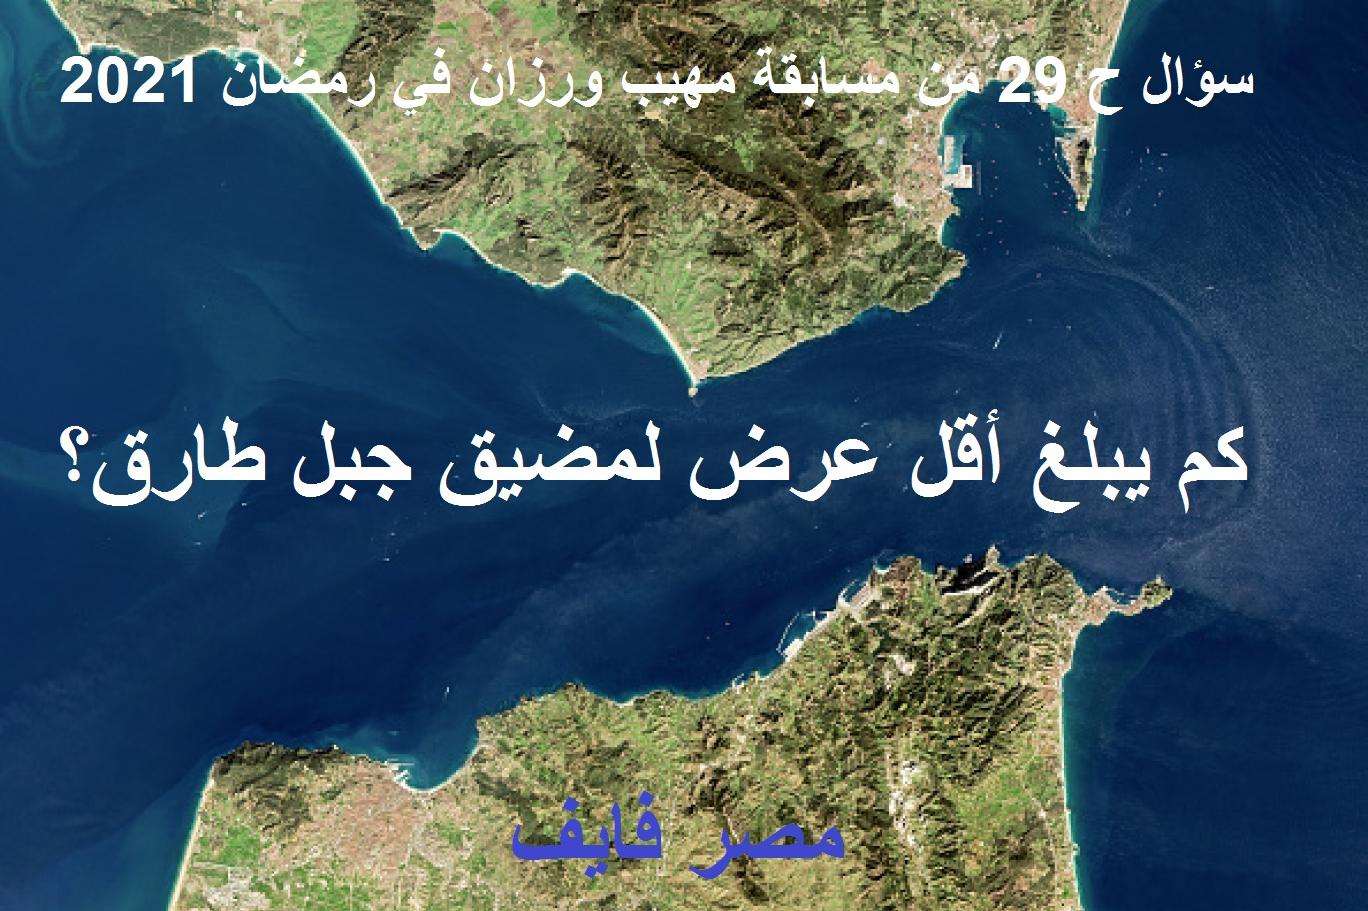 كم يبلغ أقل عرض لمضيق جبل طارق.. مسابقة مهيب ورزان في رمضان 2021 وإجابة سؤال ح 29